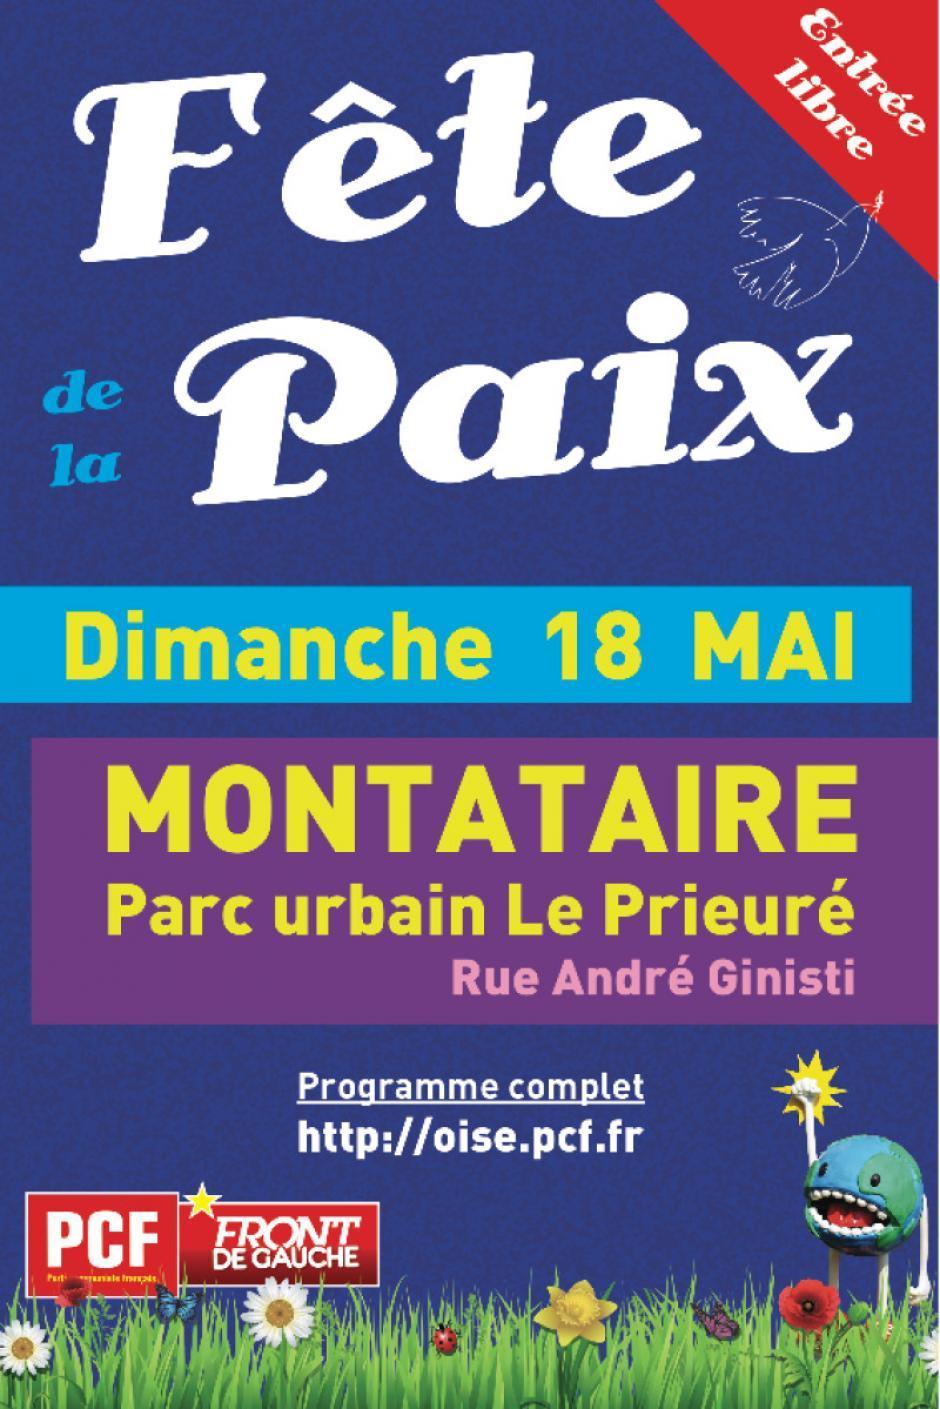 18 mai, Montataire - 10e Fête de la Paix